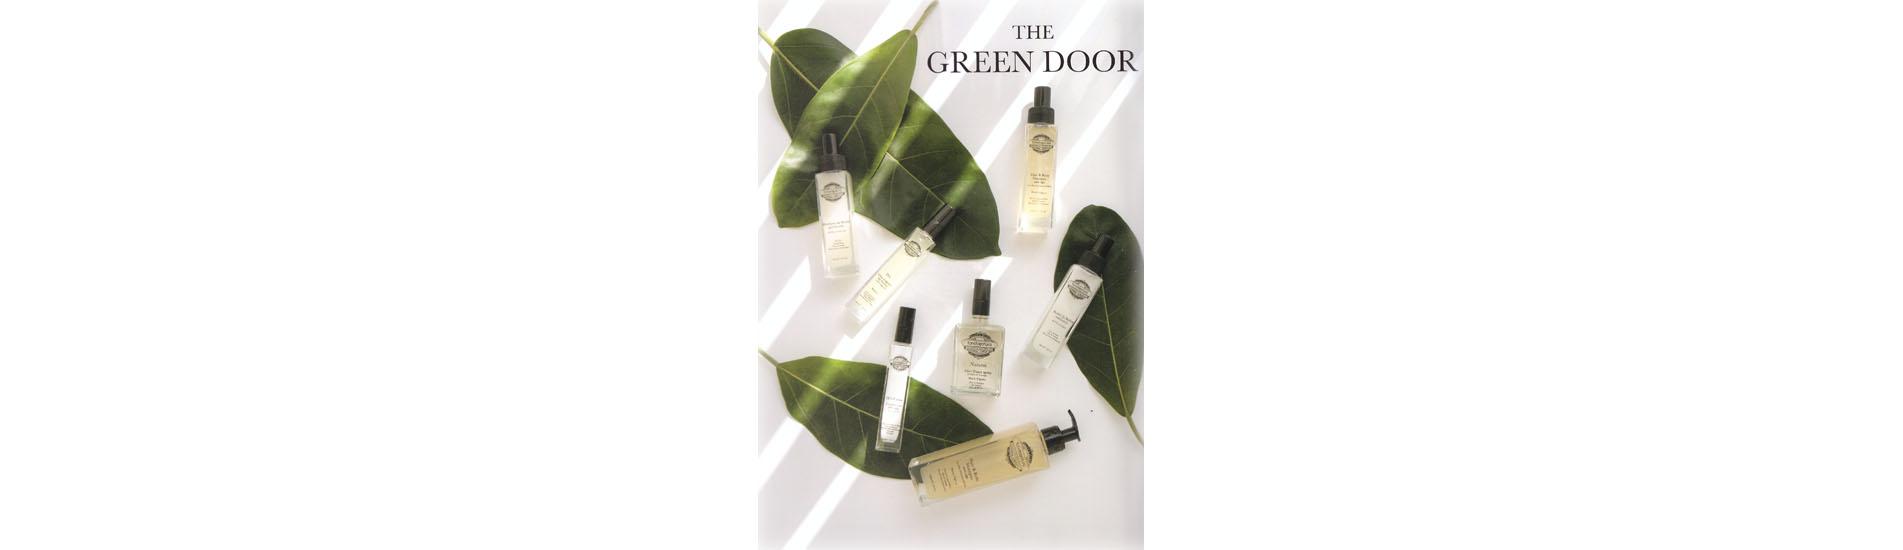 slide_green_door